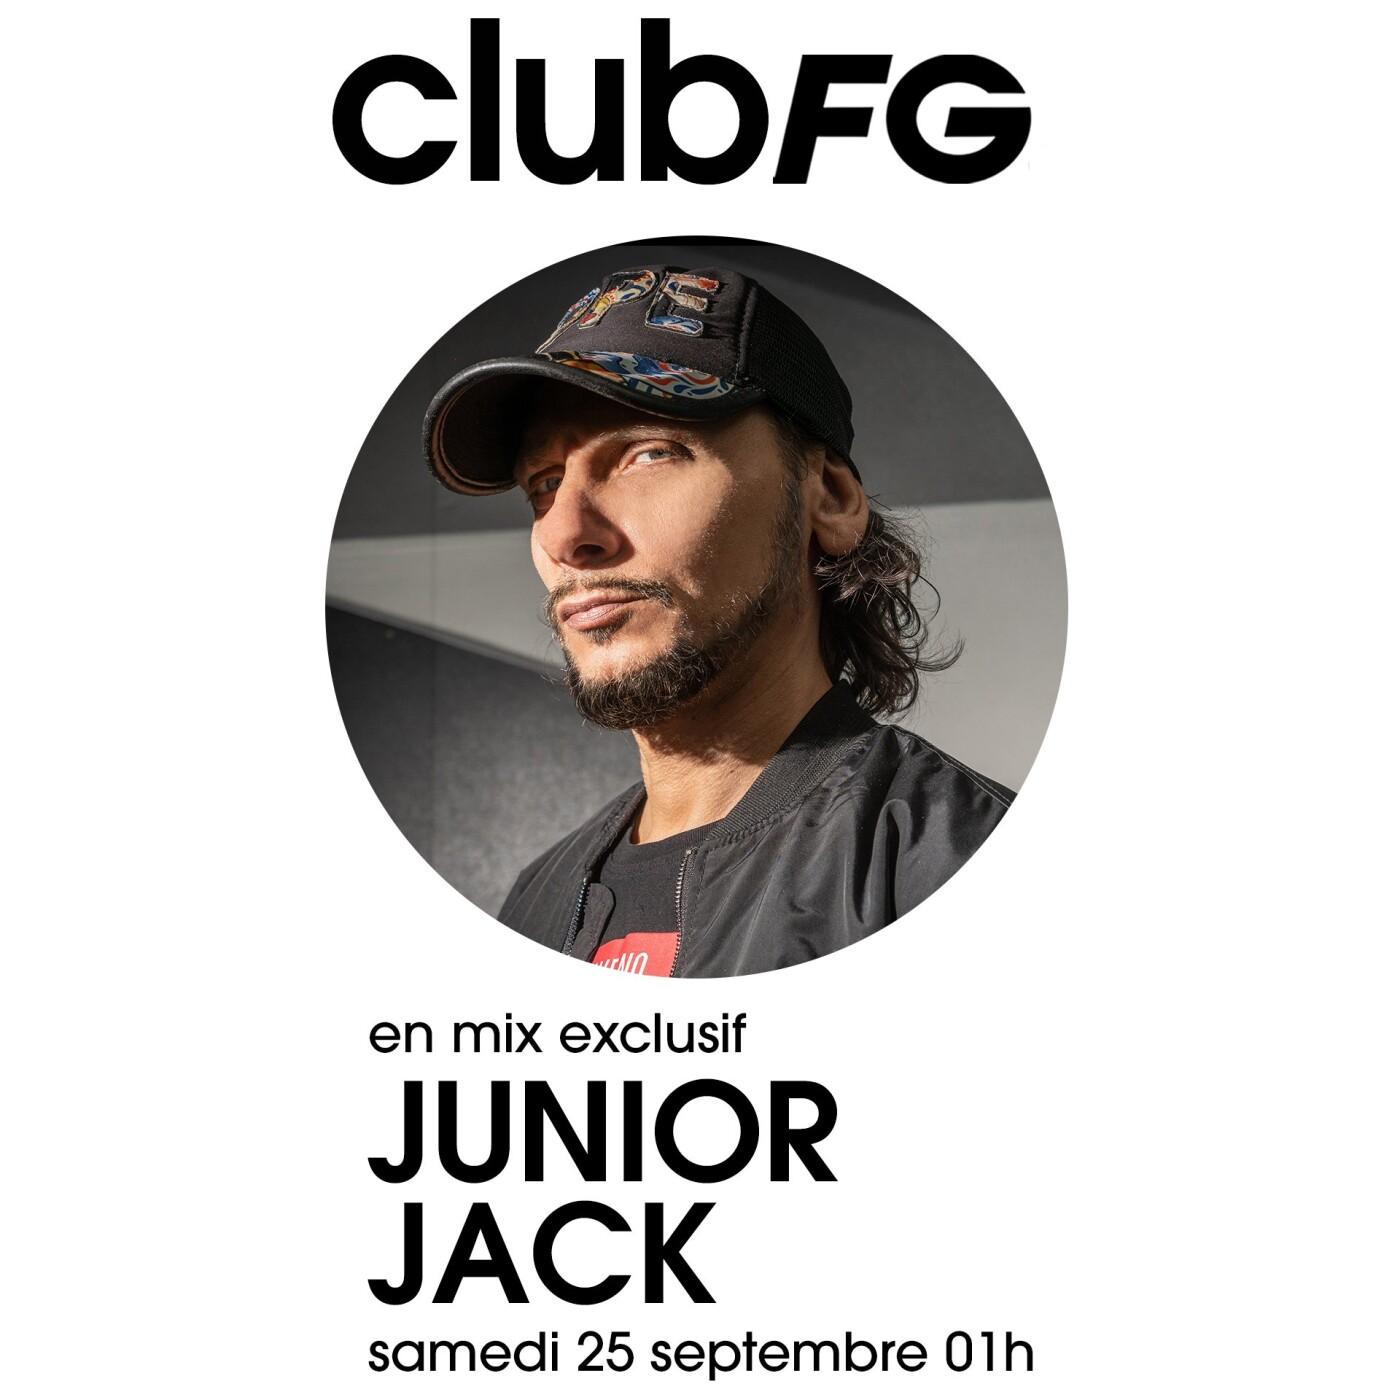 CLUB FG : JUNIOR JACK